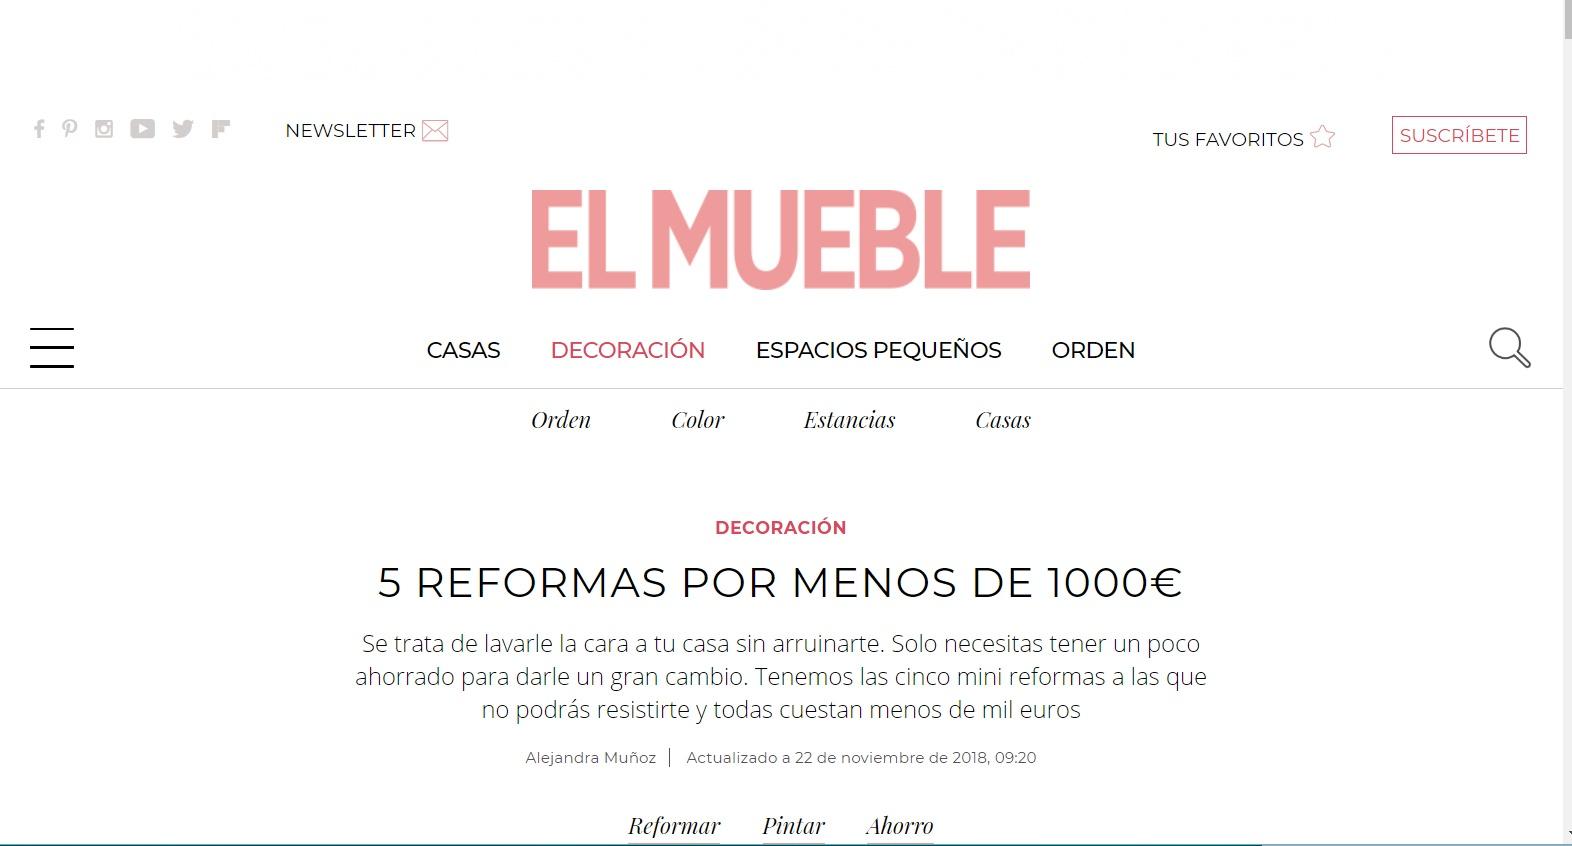 revista-decoracion-el-mueble-5-reformas-arquitectos-madrid-20